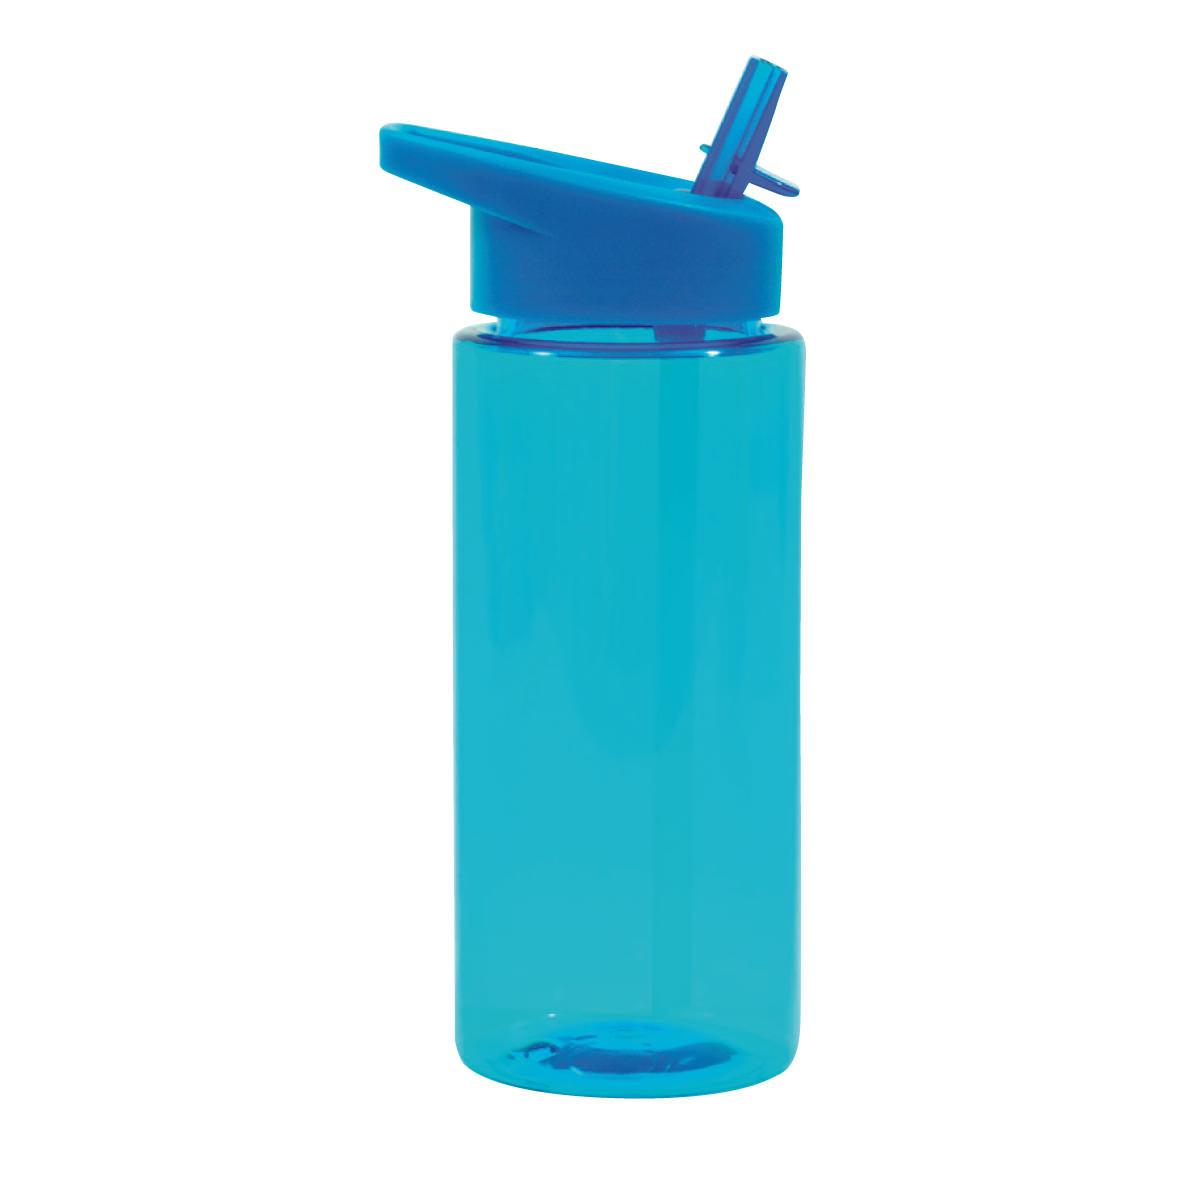 """בקבוק שתייה עם פיה קשיחה וקשית 540 מ""""ל - סידרי"""